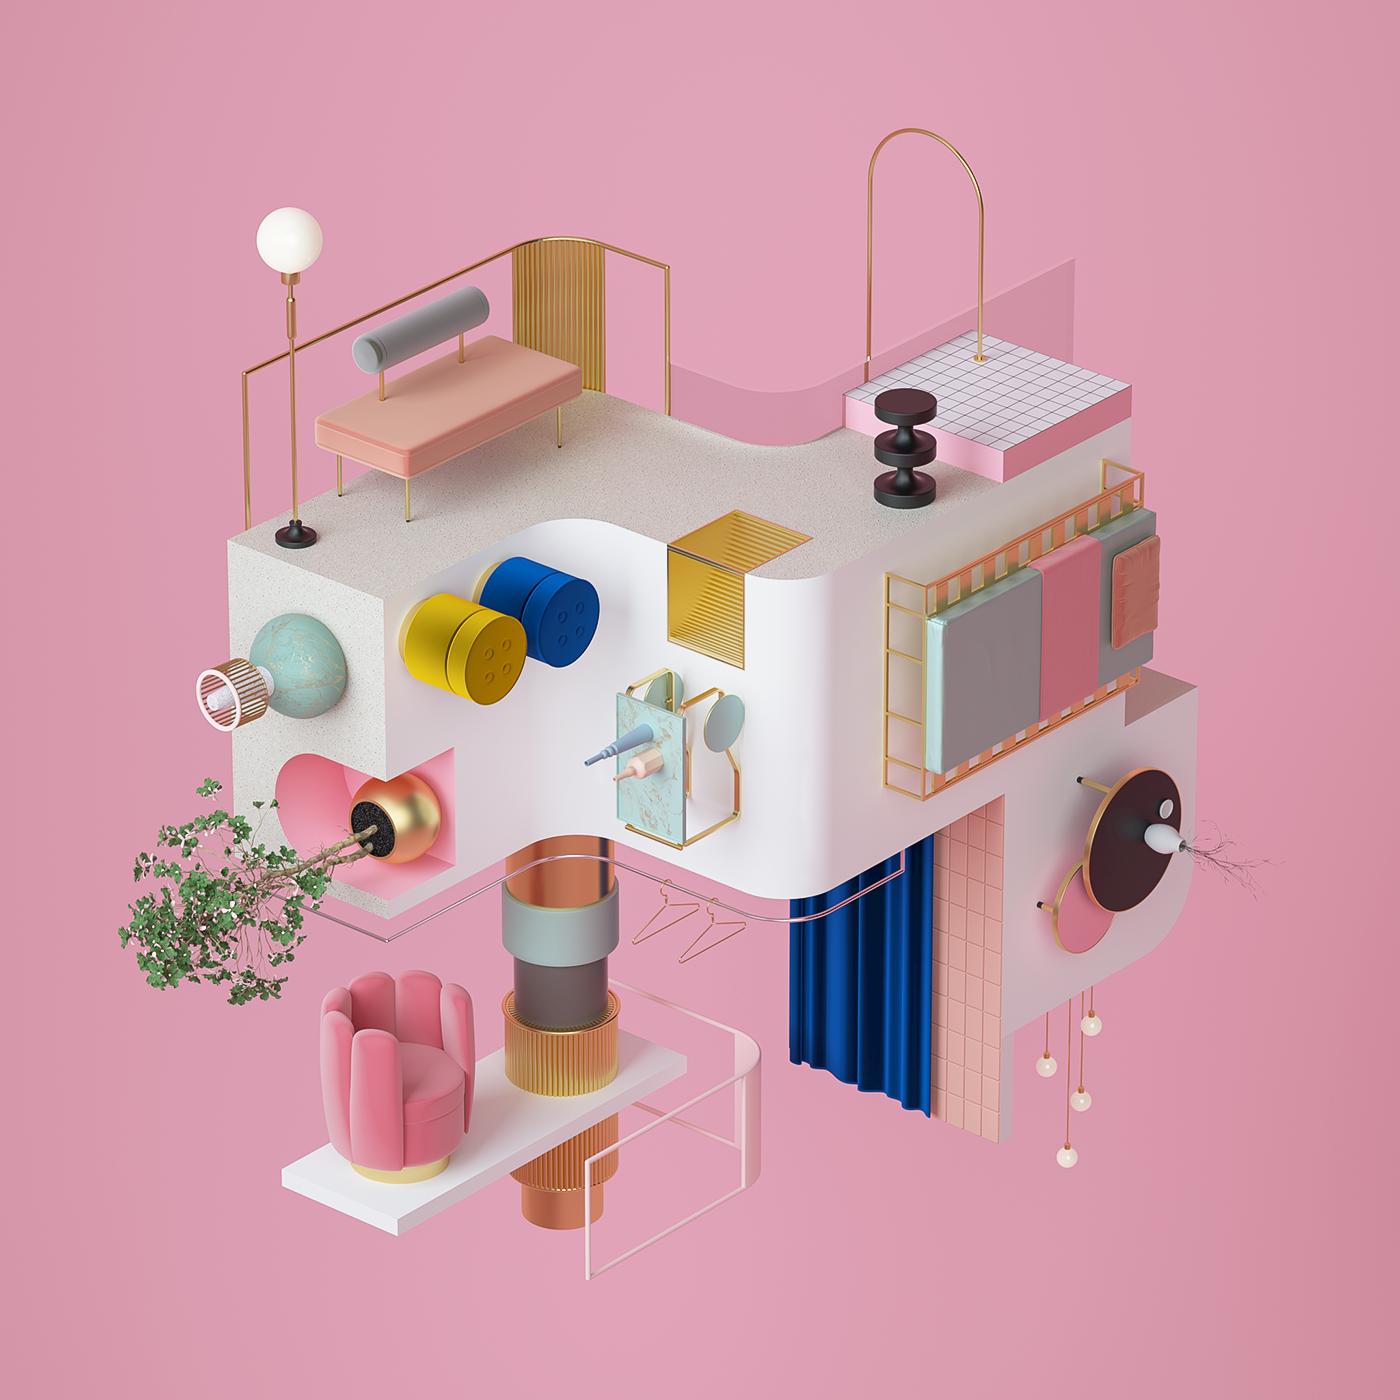 20 ярких трендов в дизайне в 2018 году